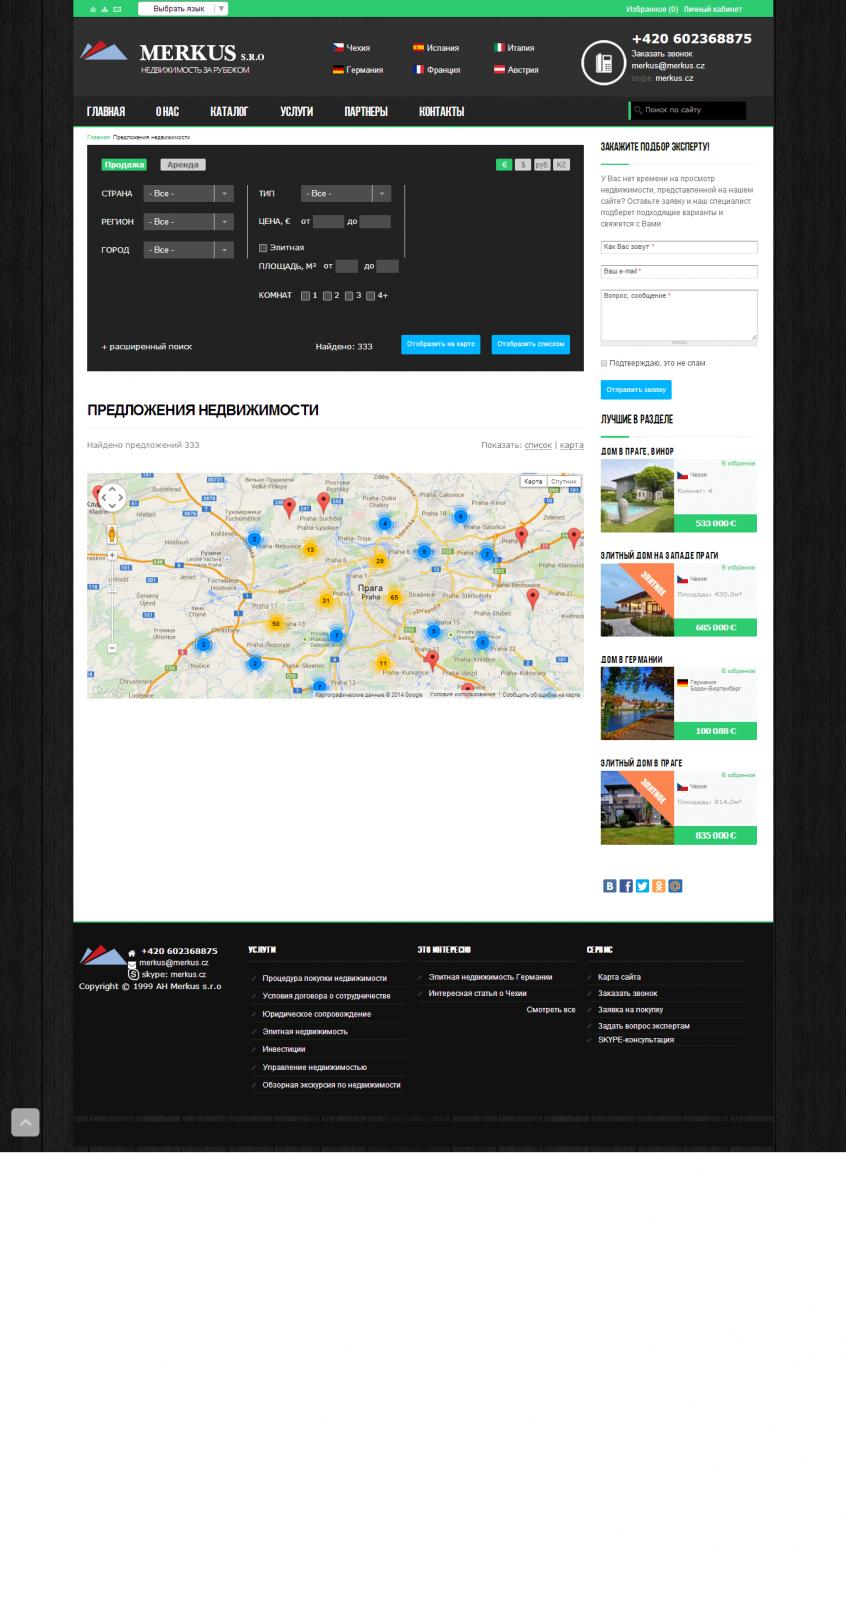 Сайт зарубежной недвижимости в россии недвижимость дубай аренда